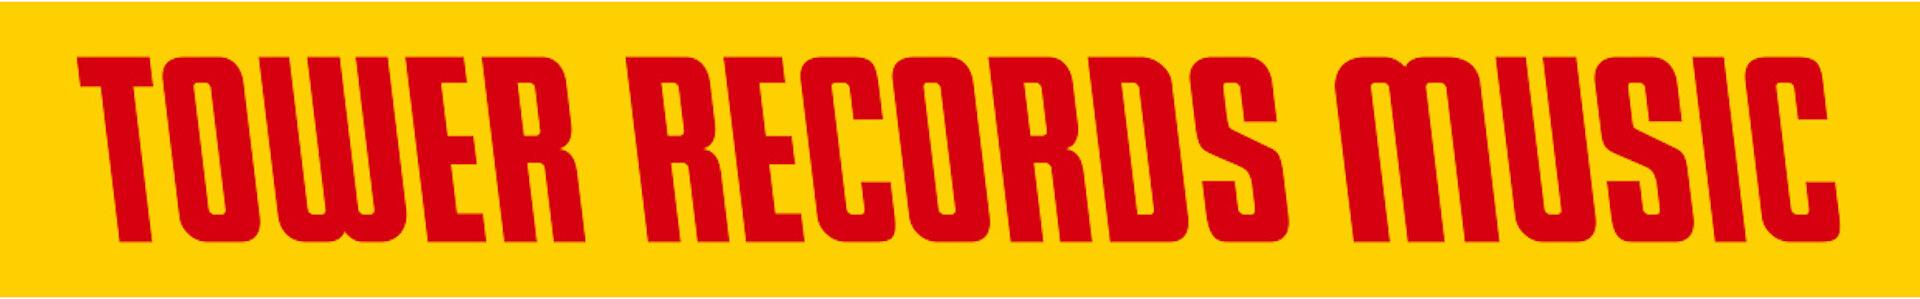 タワーレコードとレコチョクが新音楽サブスクサービスをスタート!入会キャンペーンやオリジナル音声コンテンツも art211004_tower-records-05